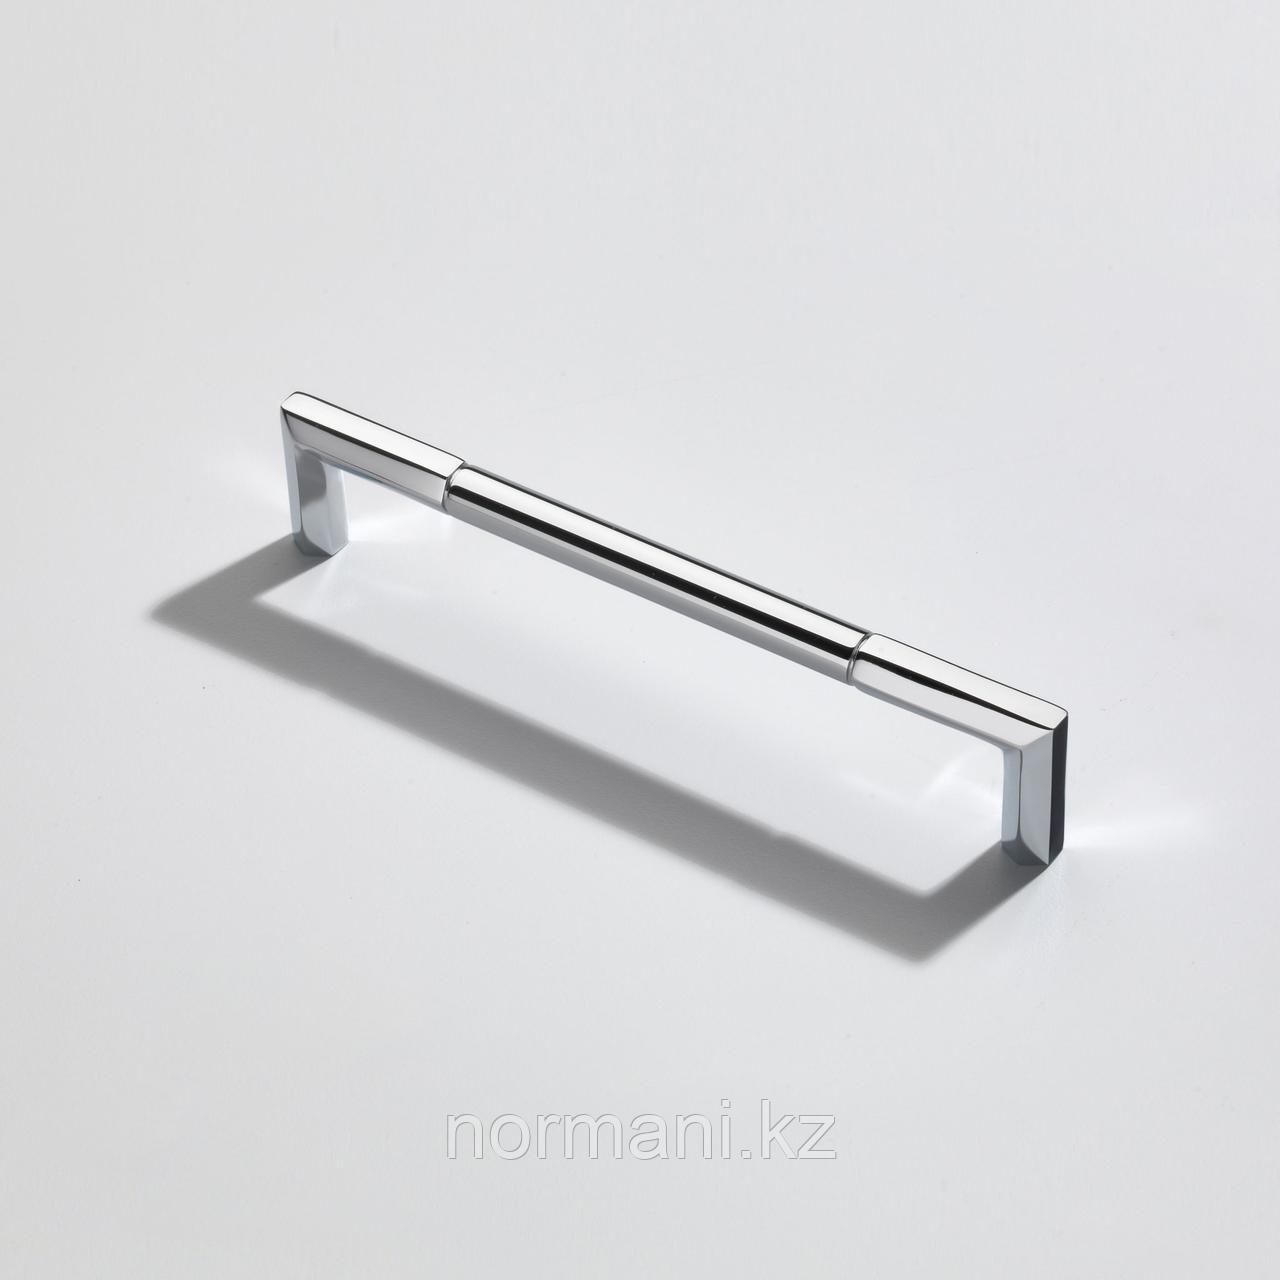 Ручка скоба 192 мм, отделка хром глянец